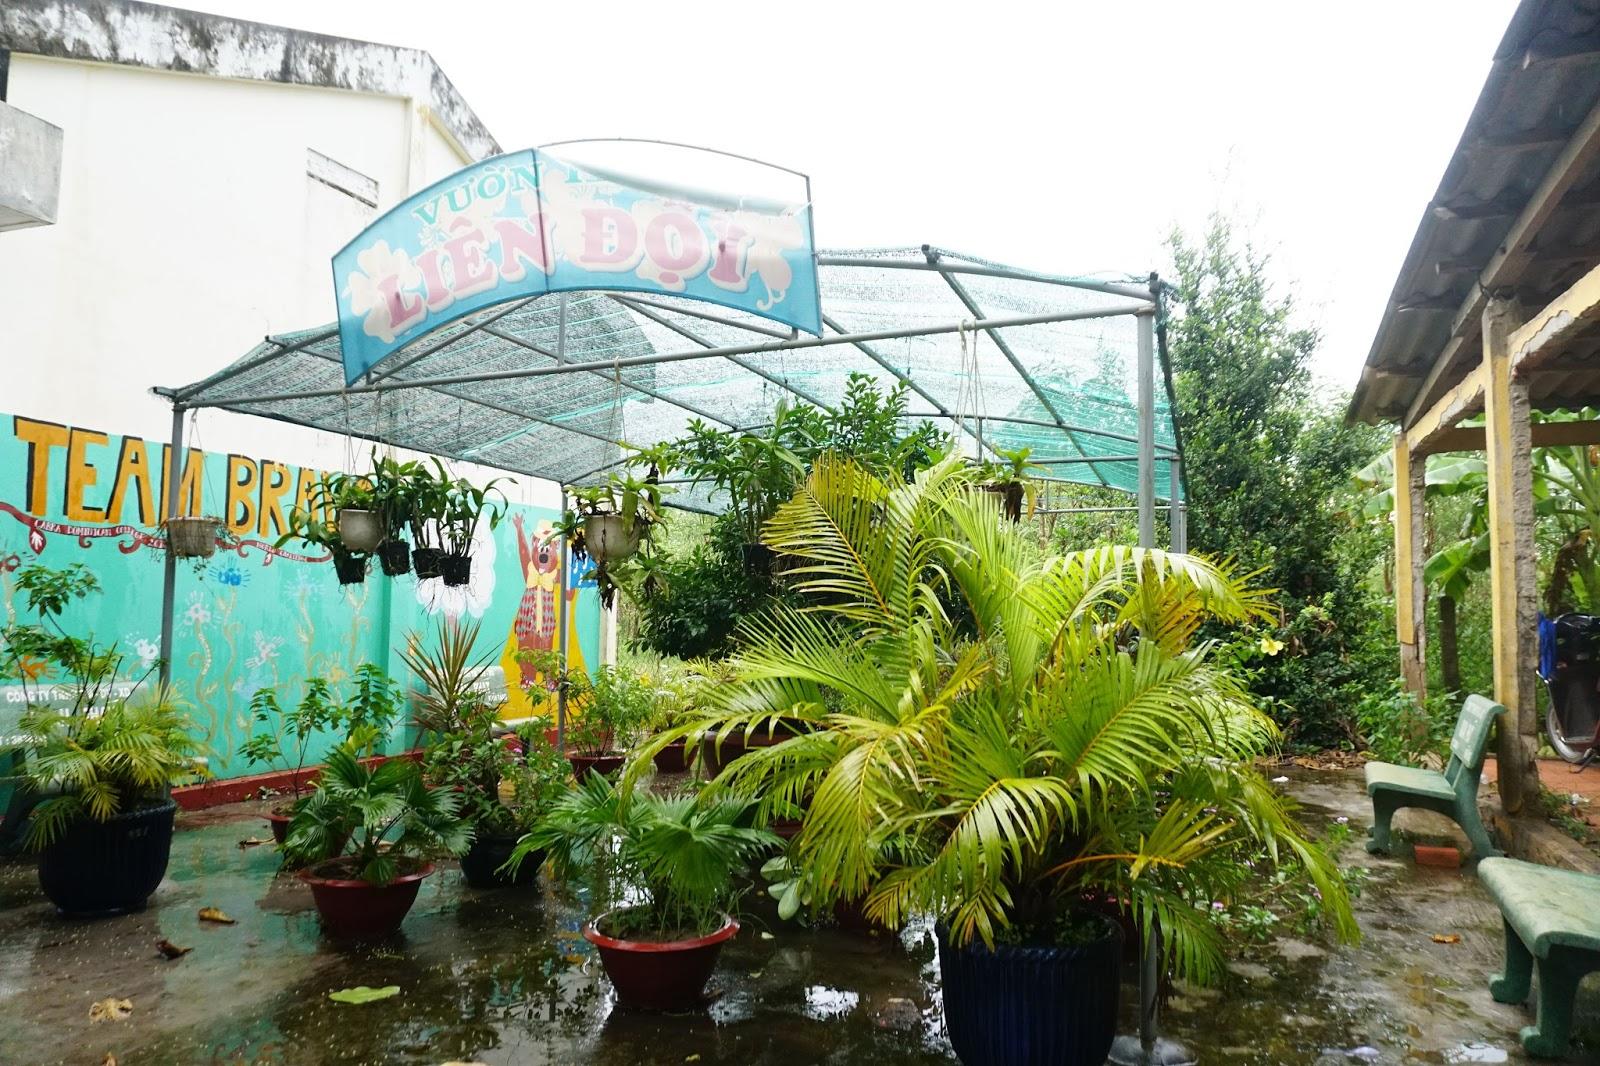 Khu vườn liên đội chỉ như vườn cây cảnh nhỏ ở Sài Gòn